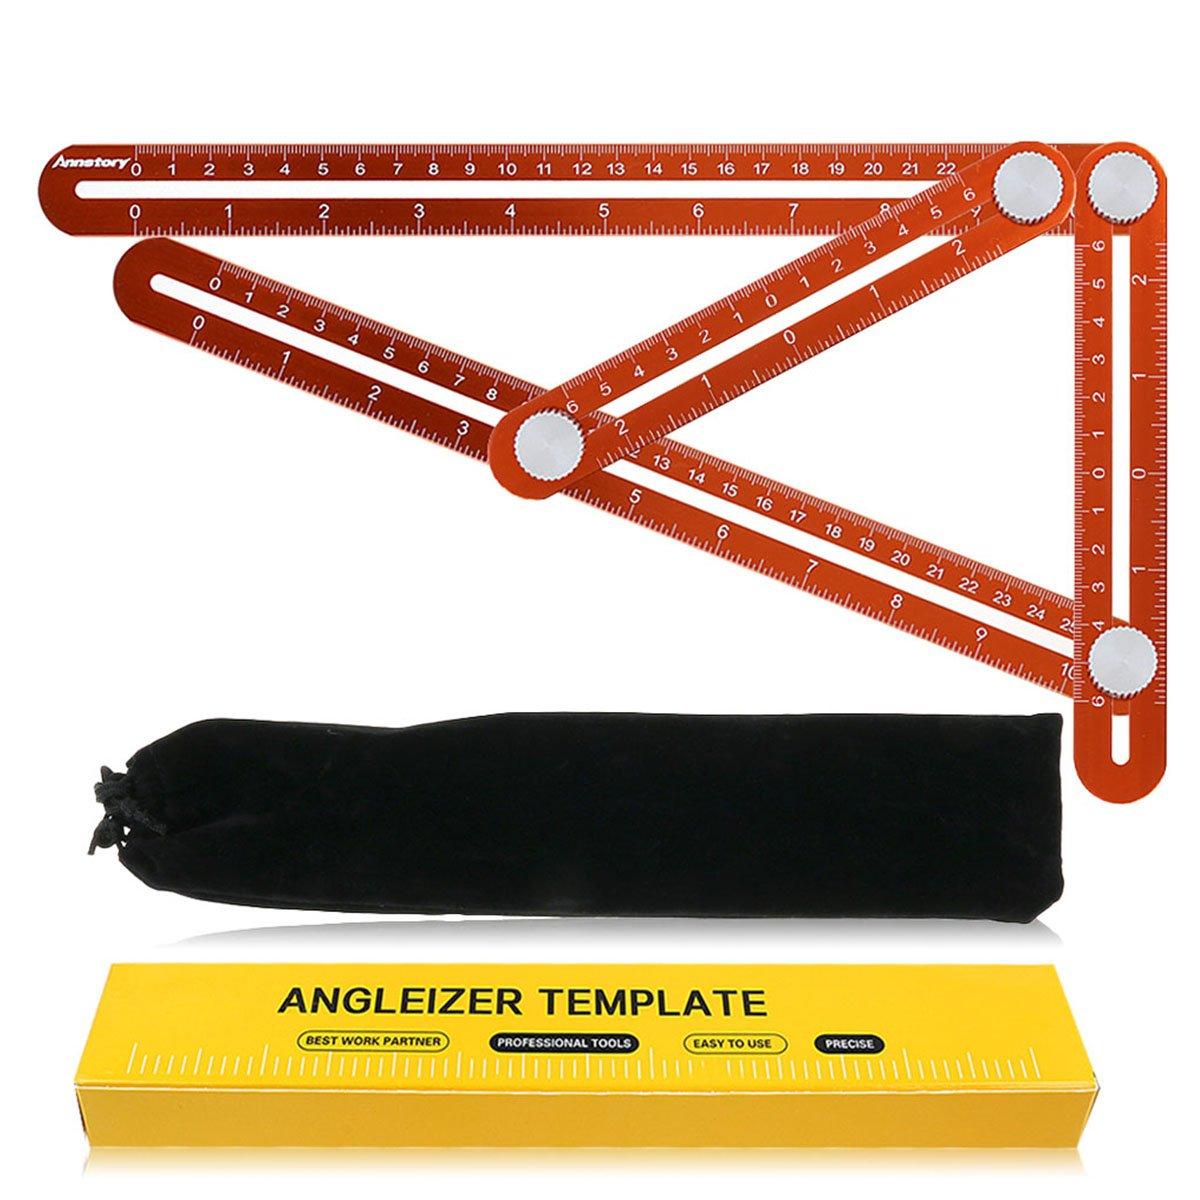 Multi Angle mesure souverain par l' outil de modè le de rè gle Annstory Premium aluminium alliage Angle facile avec niveau de ligne Unique pour bricolage, charpentiers, artisans robuste et Durable (Orange)